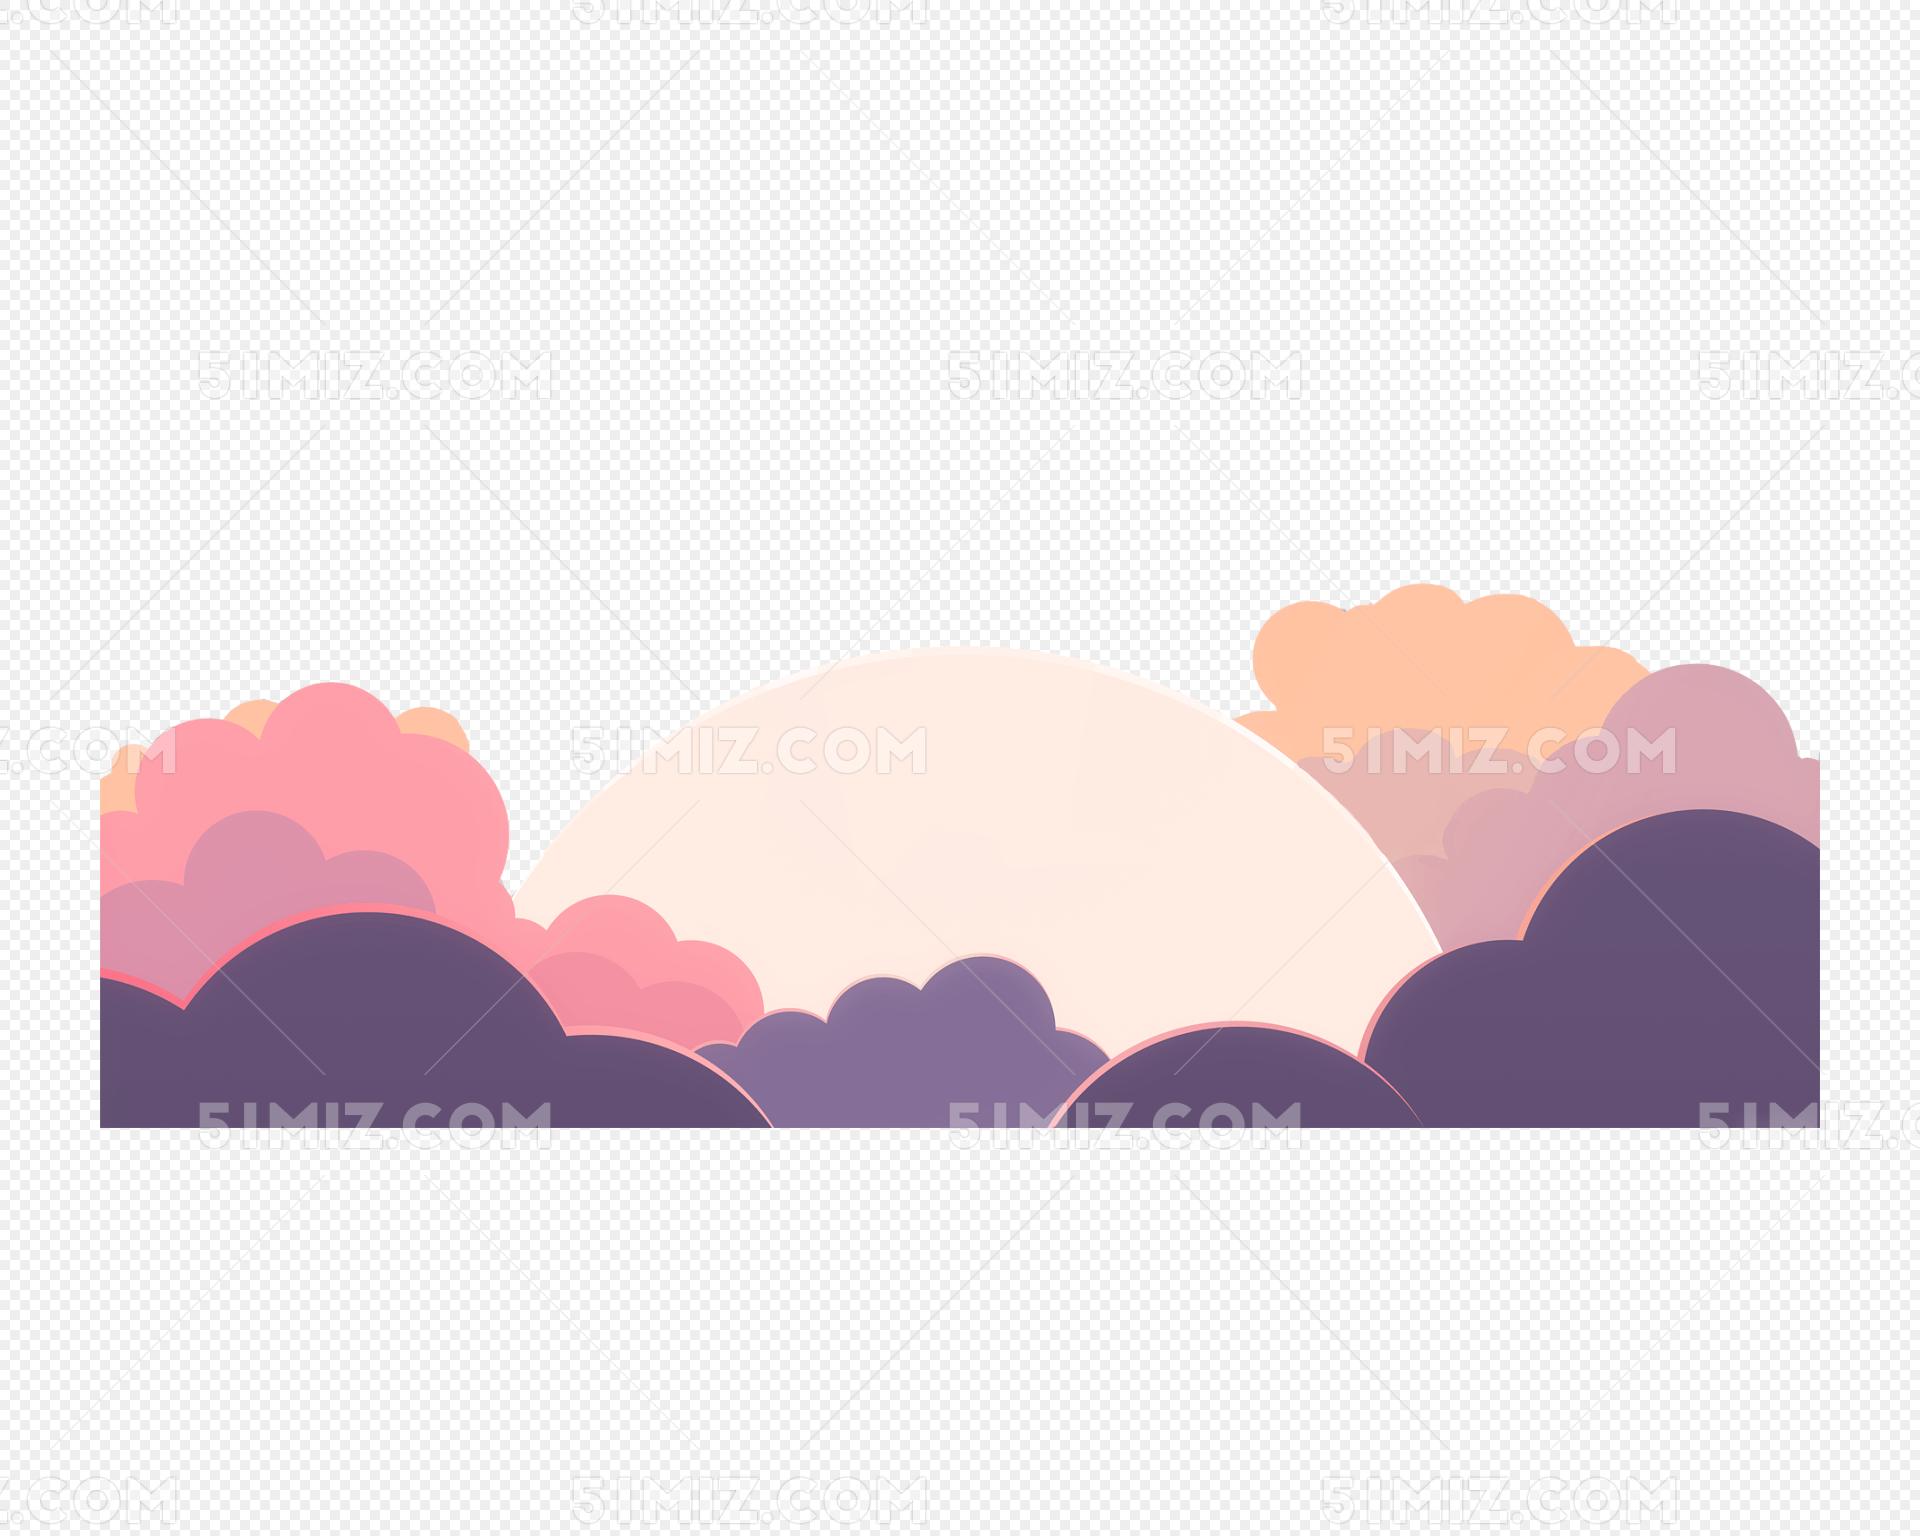 中秋云朵中的圆月图片素材免费下载_觅知网